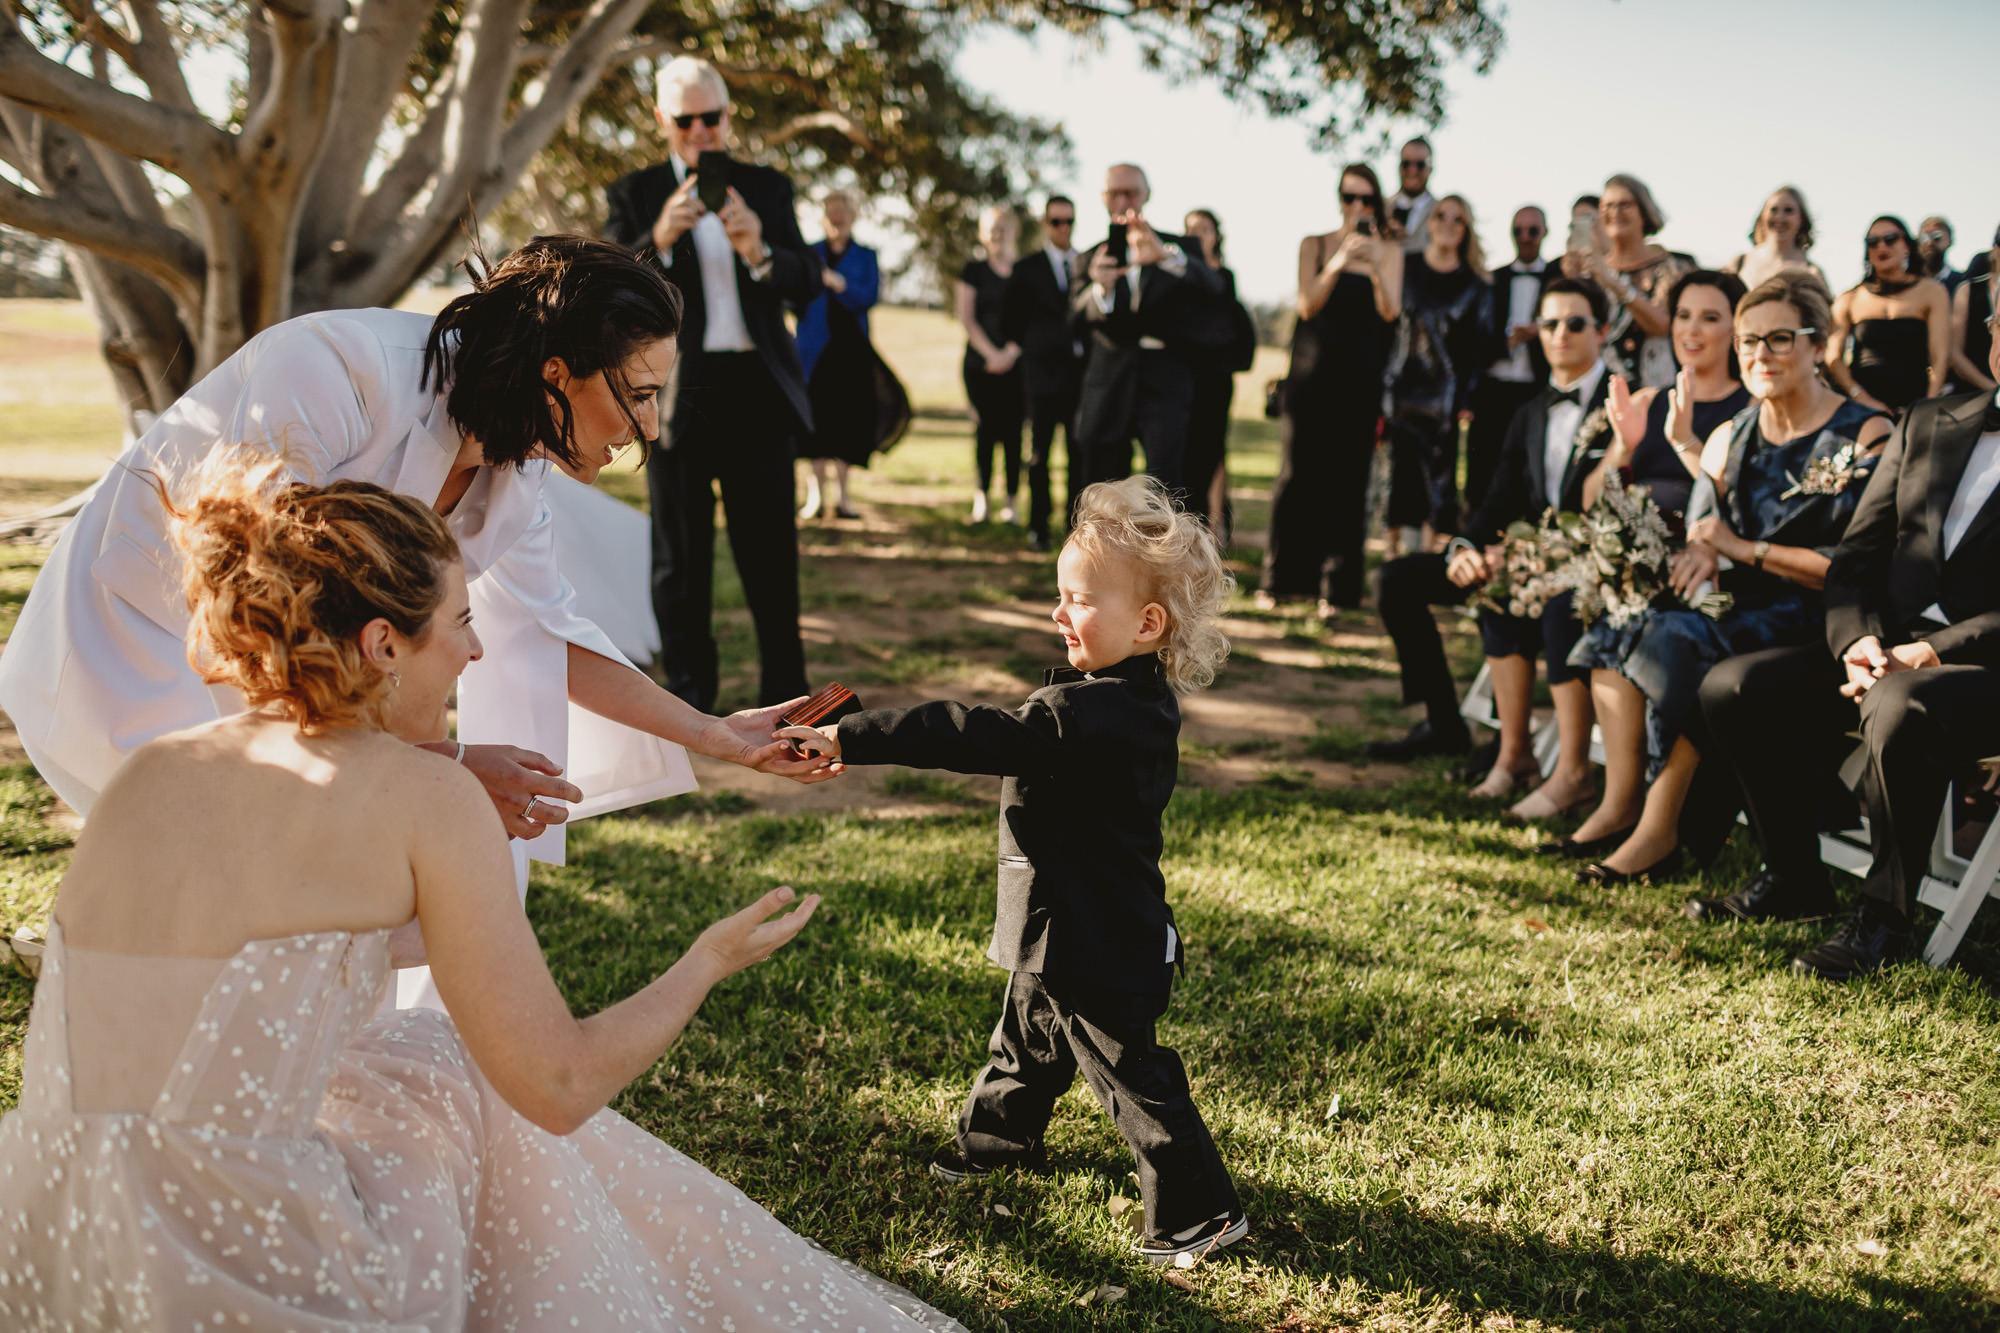 outdoor wedding ceremony at bimbadgen palmers lane wedding